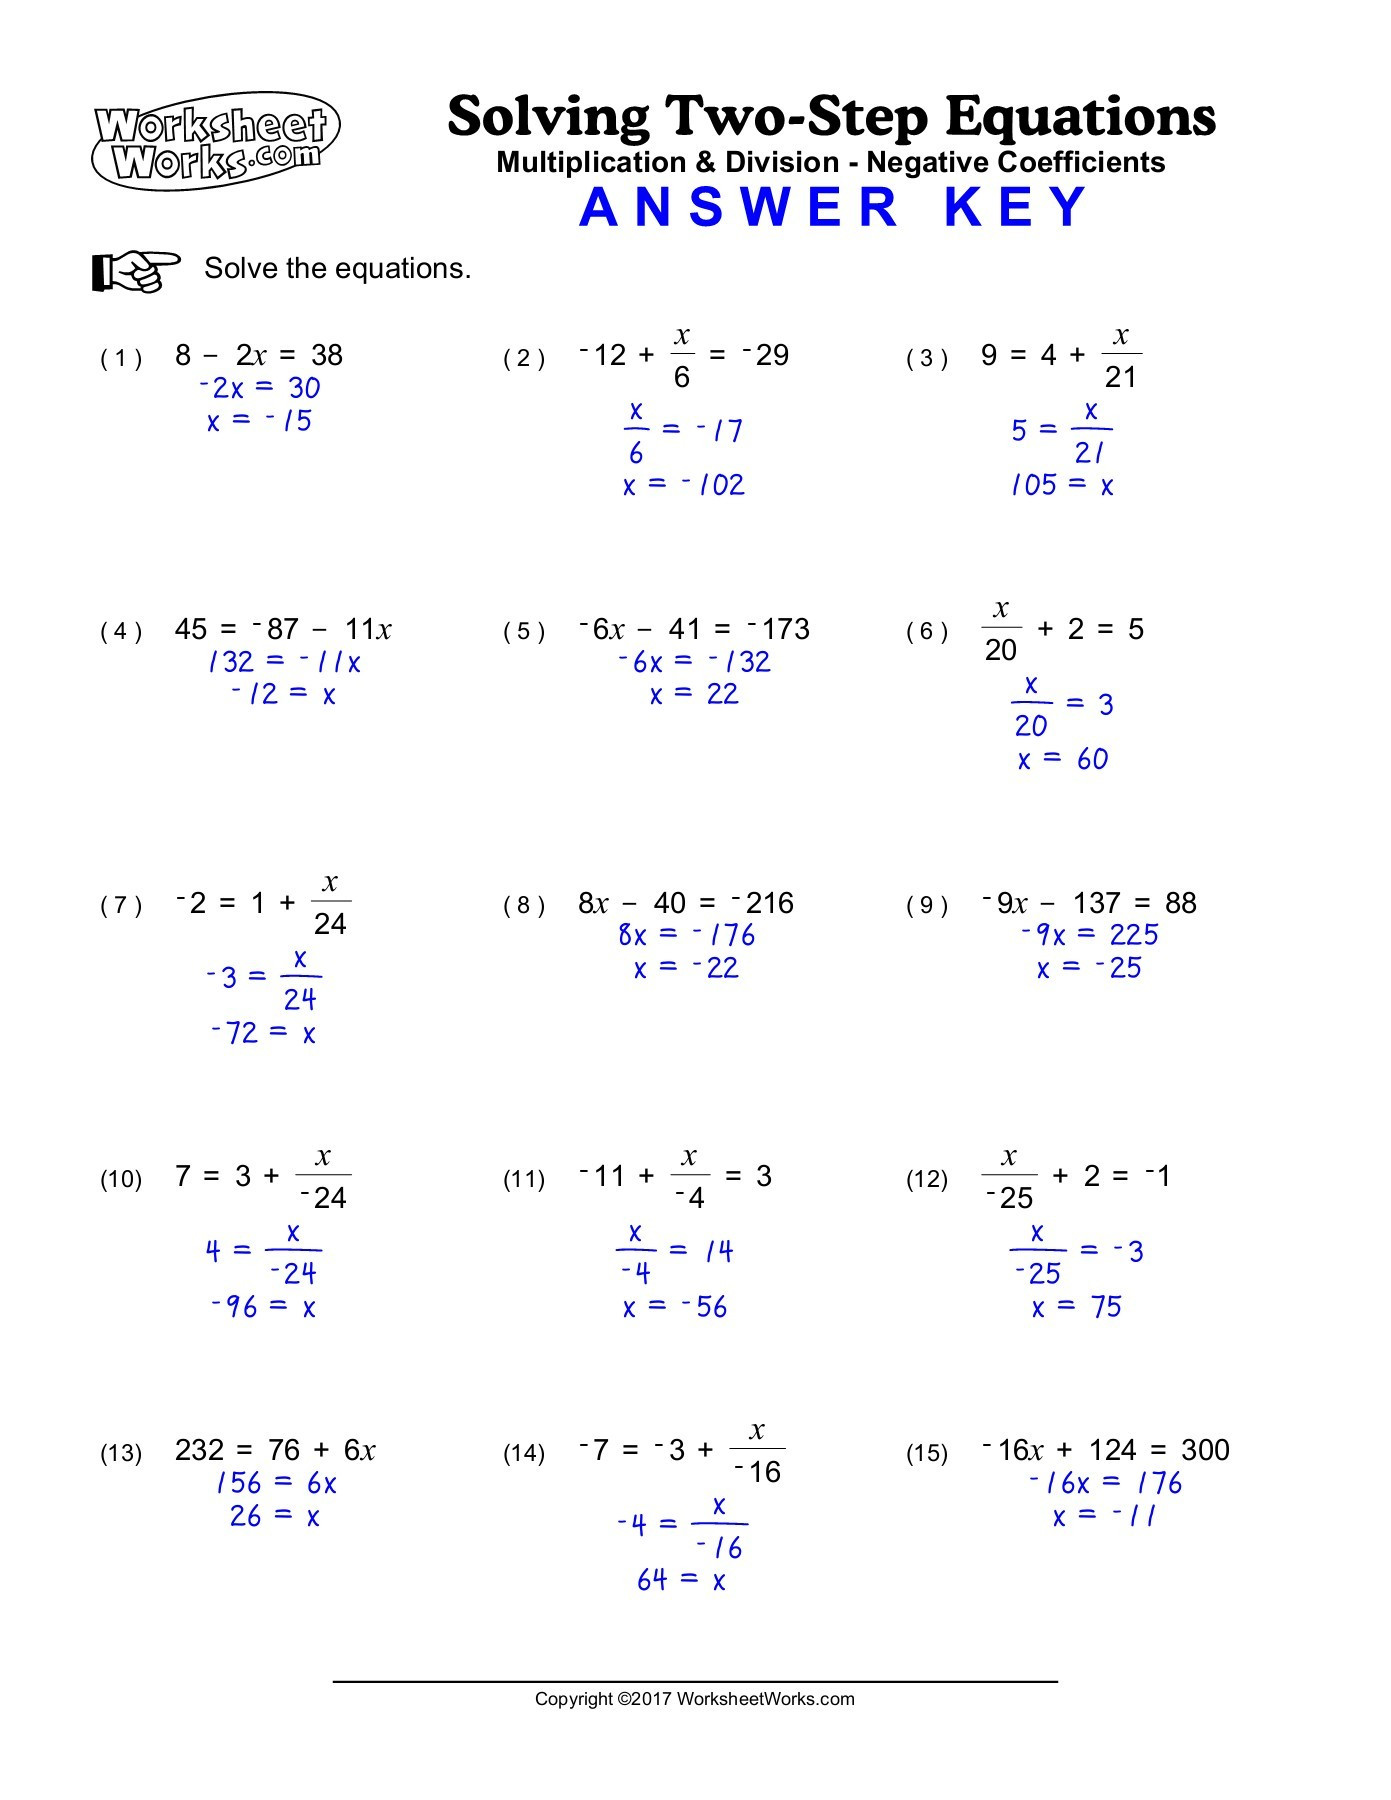 2 Step Equations Worksheet Worksheetworks solving Twostep Equations Hard Pages 1 2